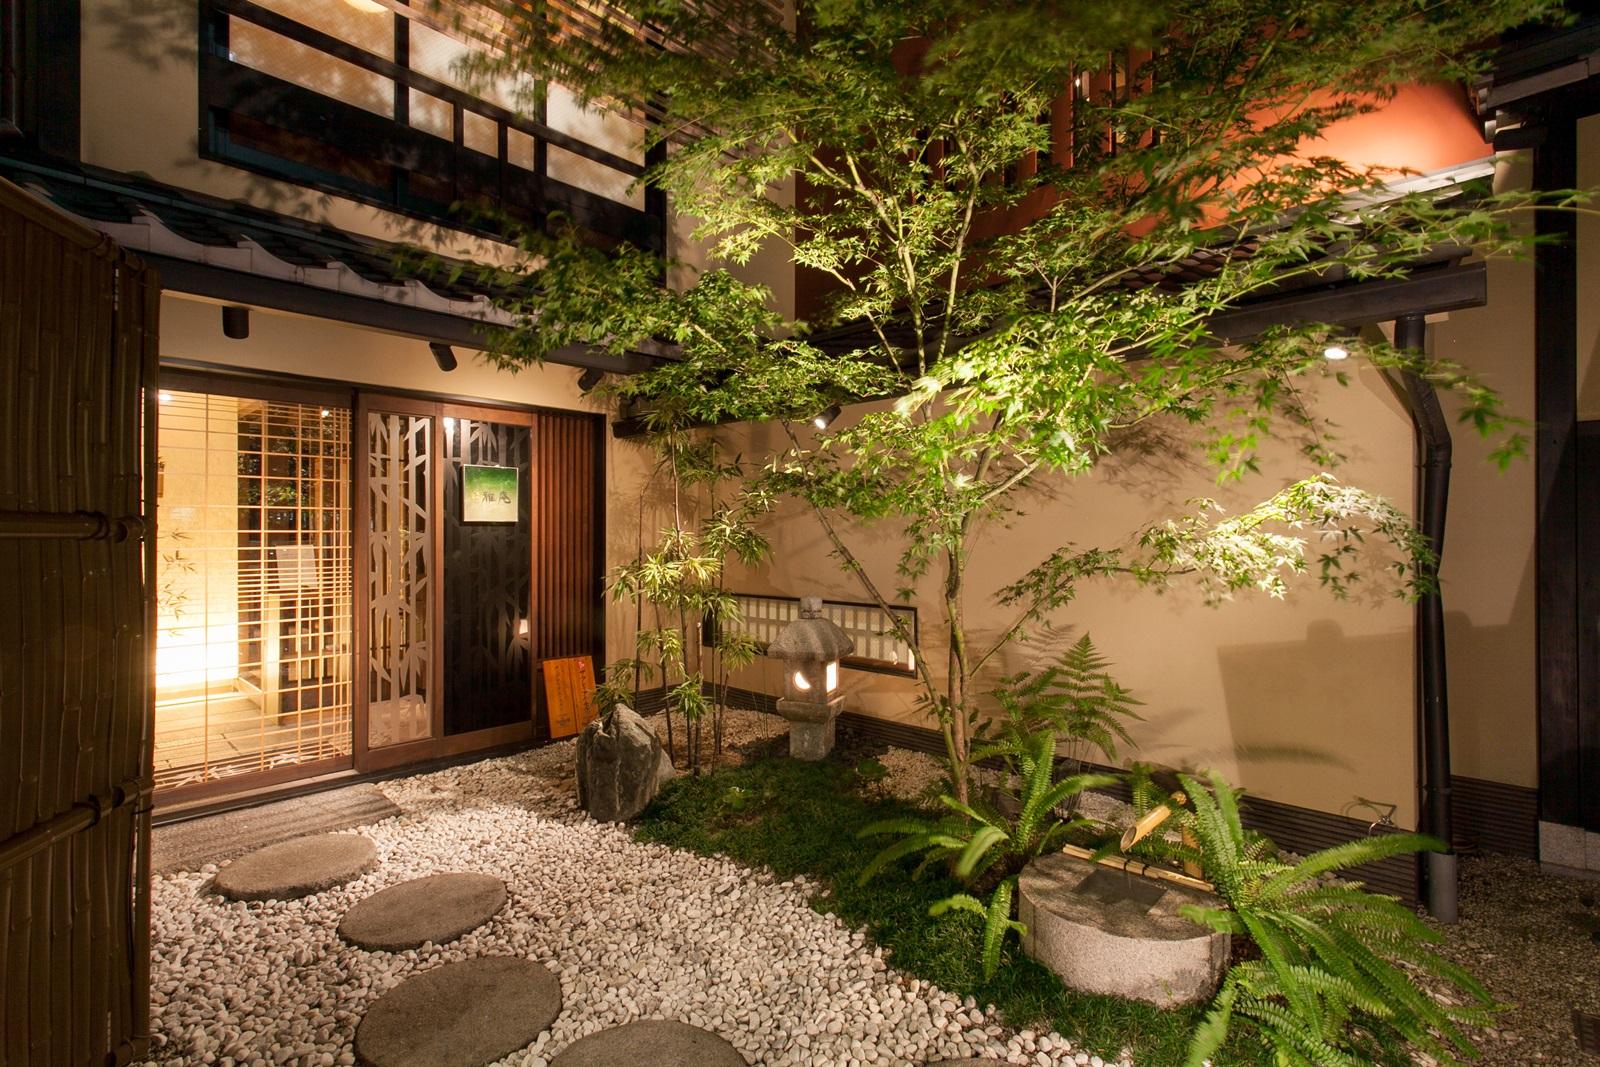 京都で素敵な誕生日を。「ごちめし」で贈る人気店の食事券